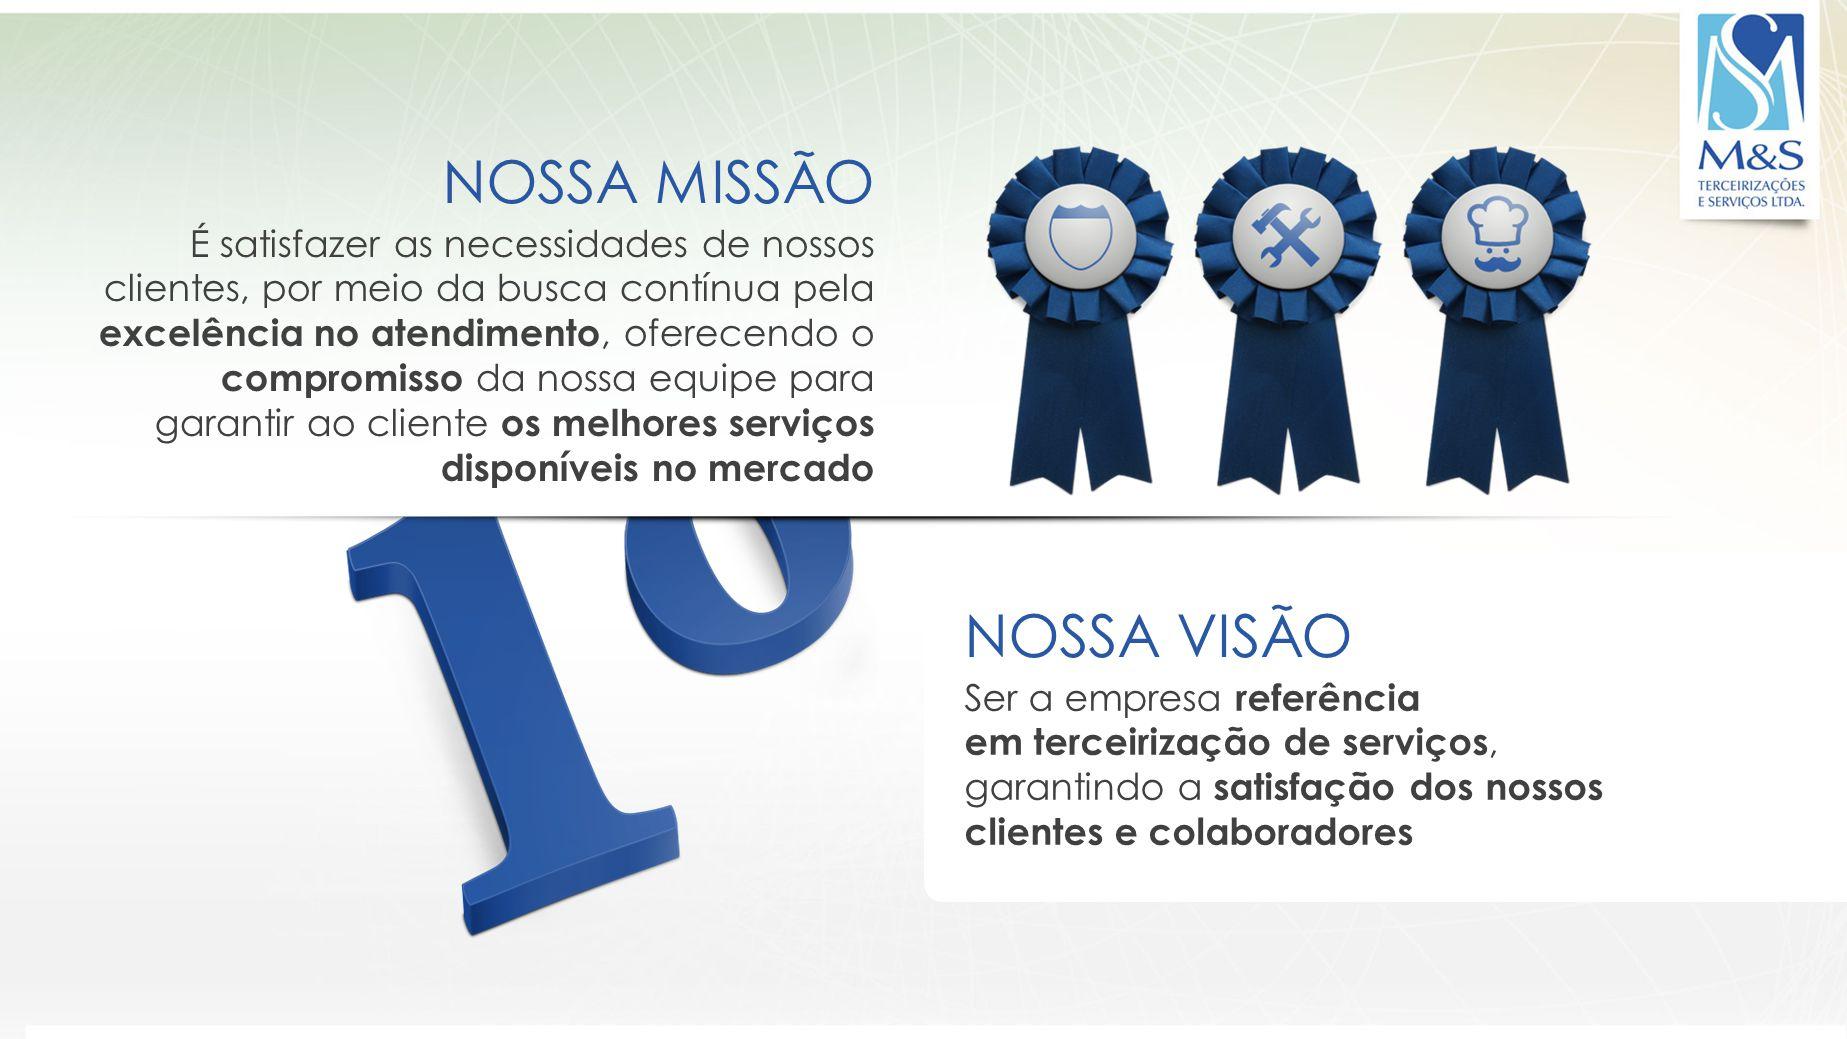 A QUALIDADE E A DEDICAÇÃO GERAM RESULTADOS A M&S é certificada pelo ISO 9001, norma internacional baseada em oito princípios de gestão da qualidade Resultados Abordagem de processos Abordagem sistêmica Foco no Cliente Melhoria Contínua Abordagem factual Envolvimento de pessoas Liderança Relacionamento mutuamente benéfico com fornecedores